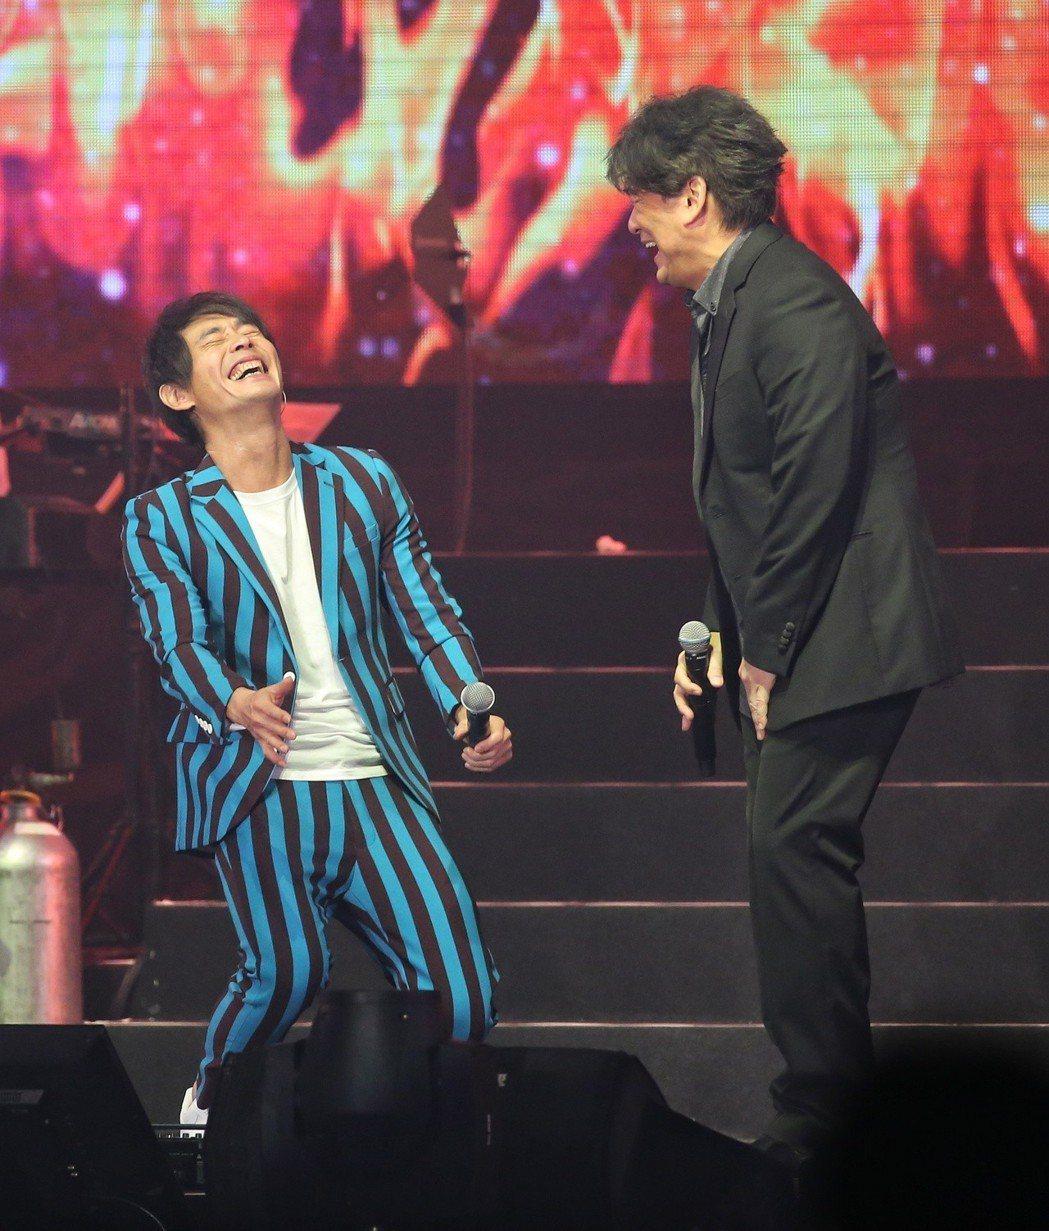 黃品源(左)舉行演唱會,周華健(右)當嘉賓。記者鄭清元/攝影